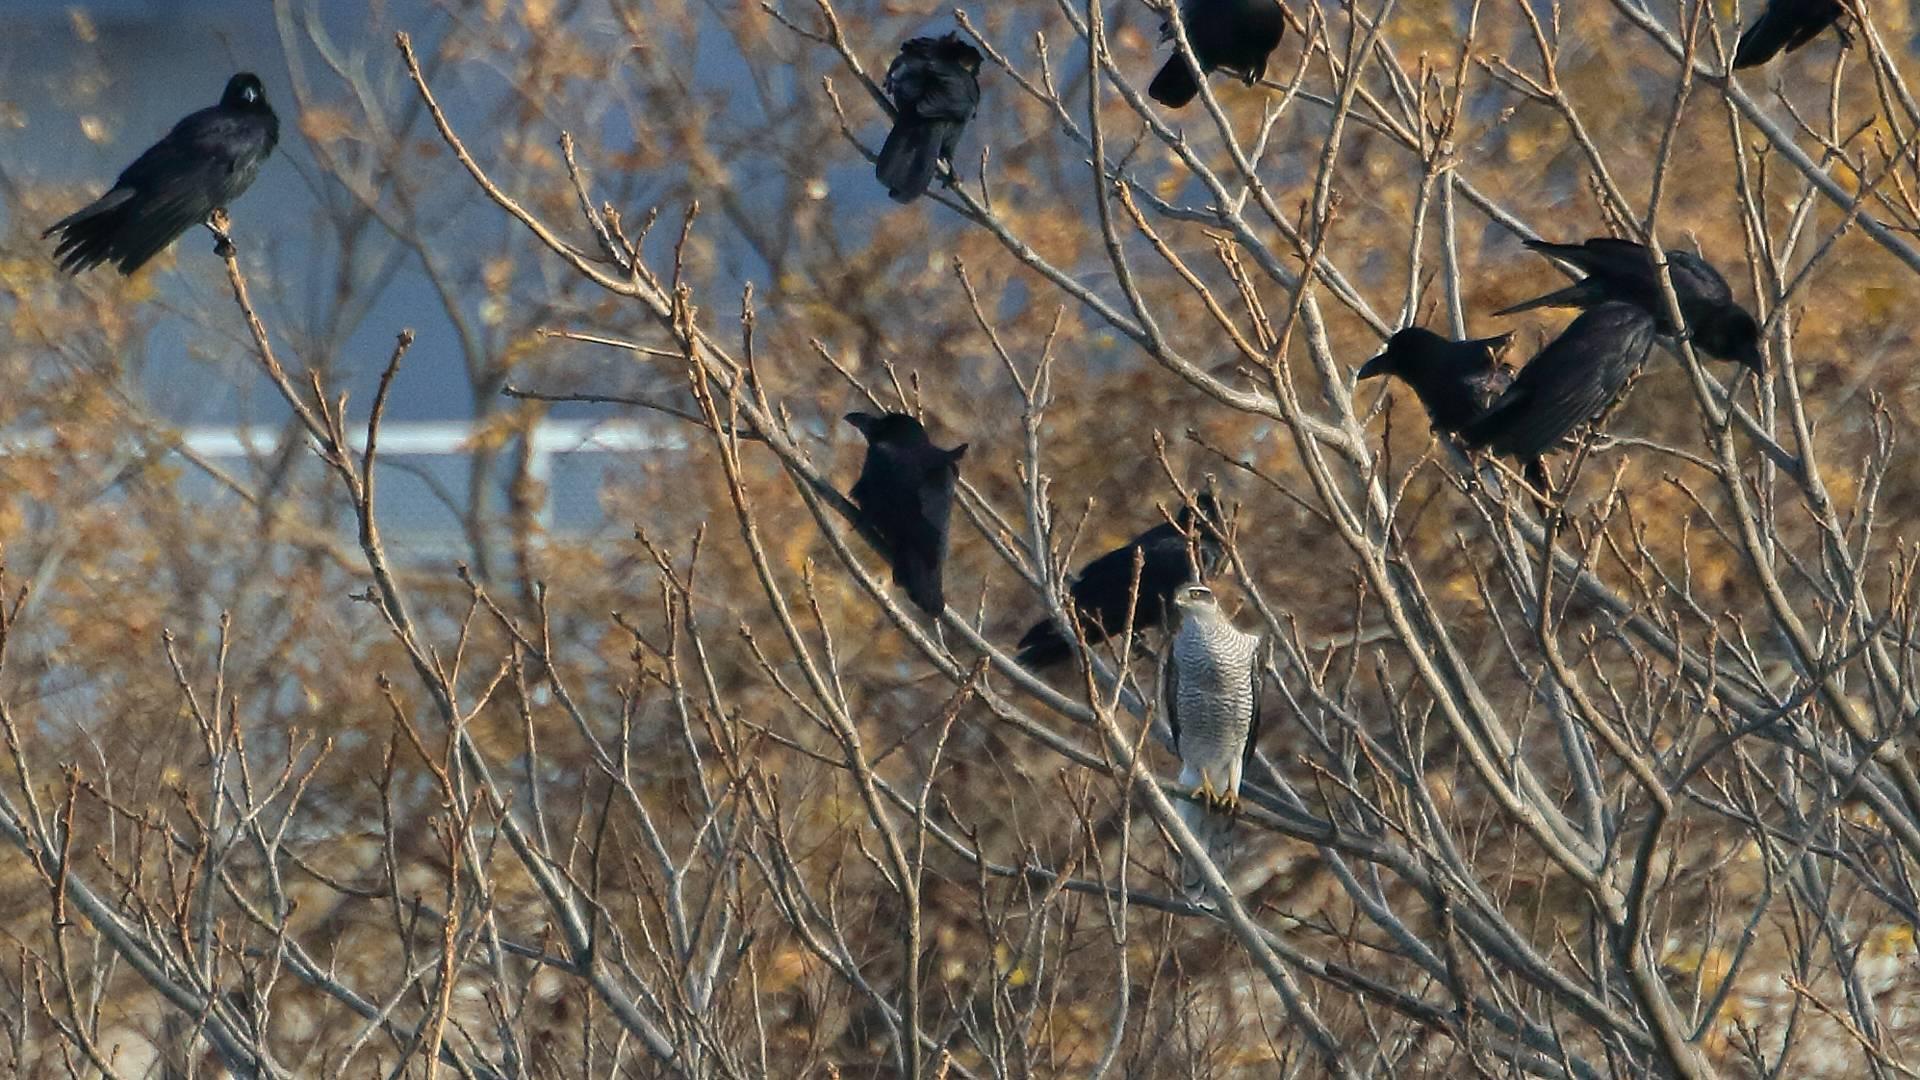 オオタカ成鳥がハシブトガラスに囲まれていた_f0105570_17555418.jpg